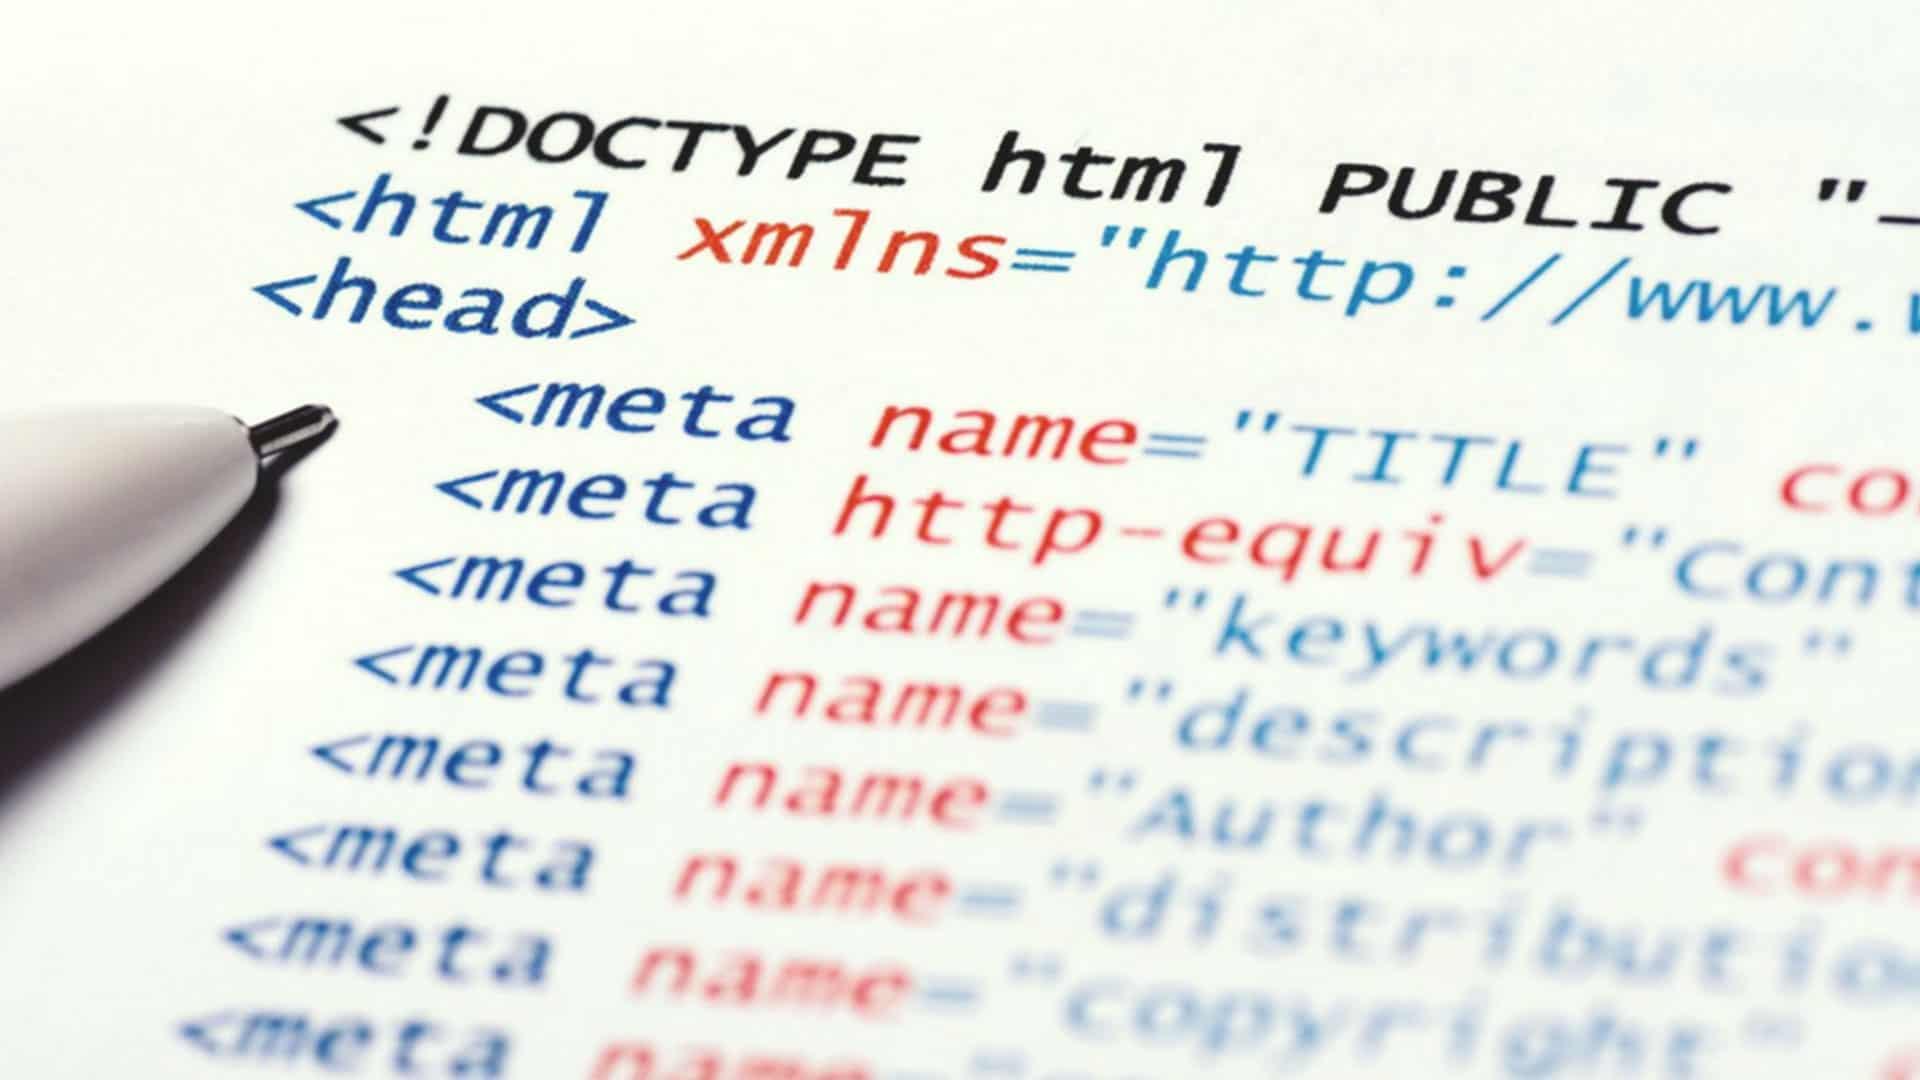 Meta tagovi: podaci o podacima